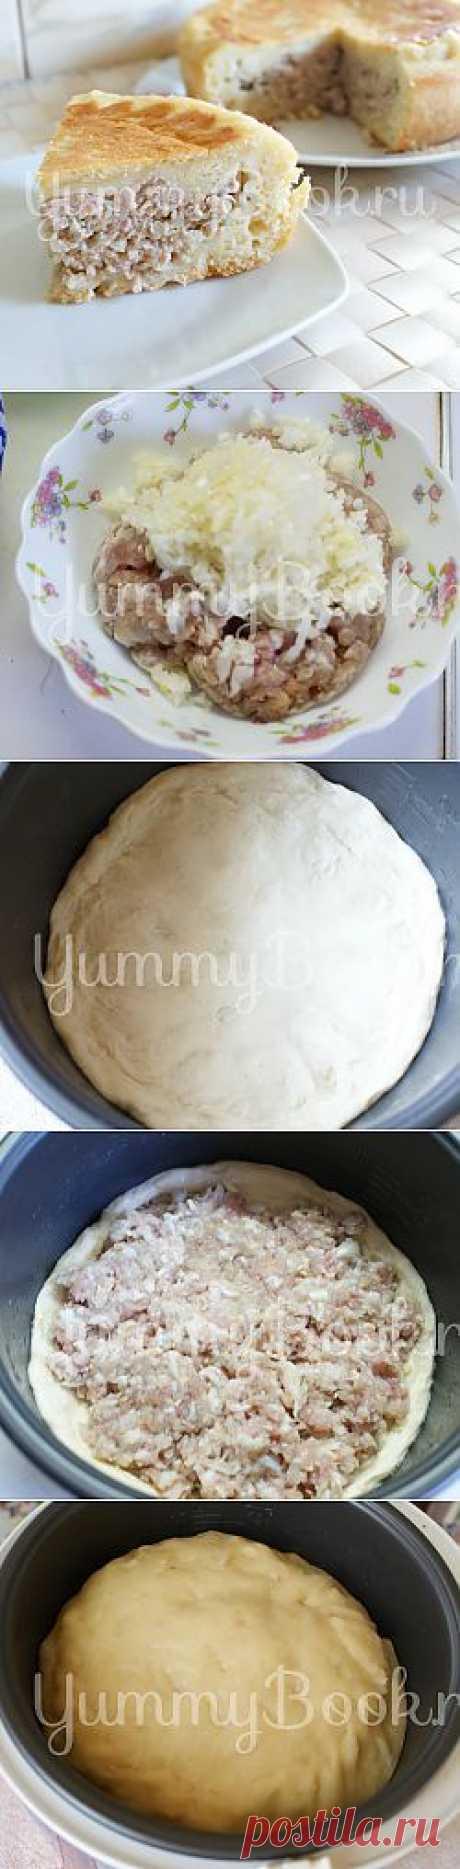 Пирог с мясом в мультиварке - пошаговый рецепт с фото